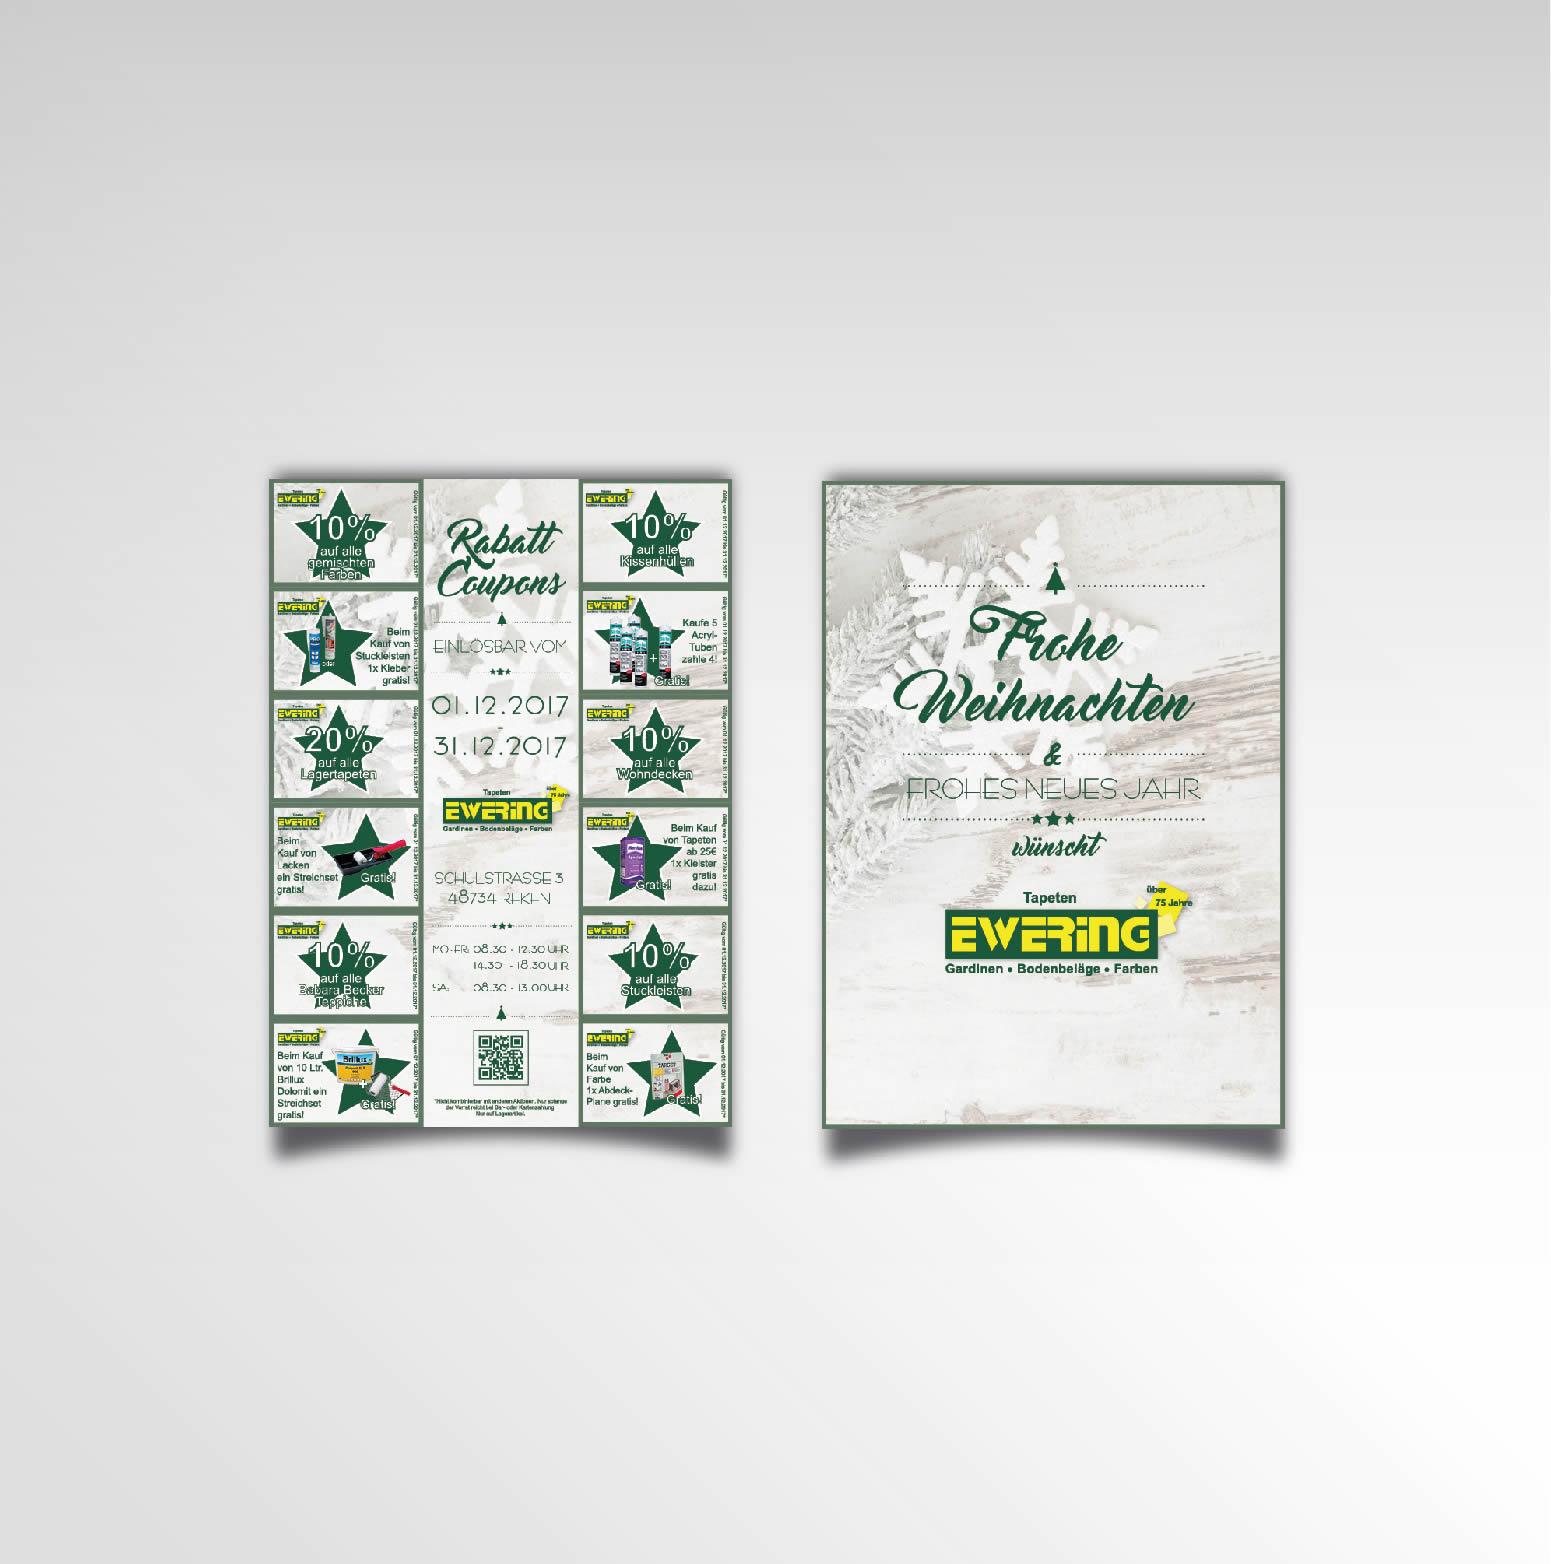 Ewering Raumdesign Flyer zweiseitig Rabattcoupons Printprodukt Weihnachtsaktion